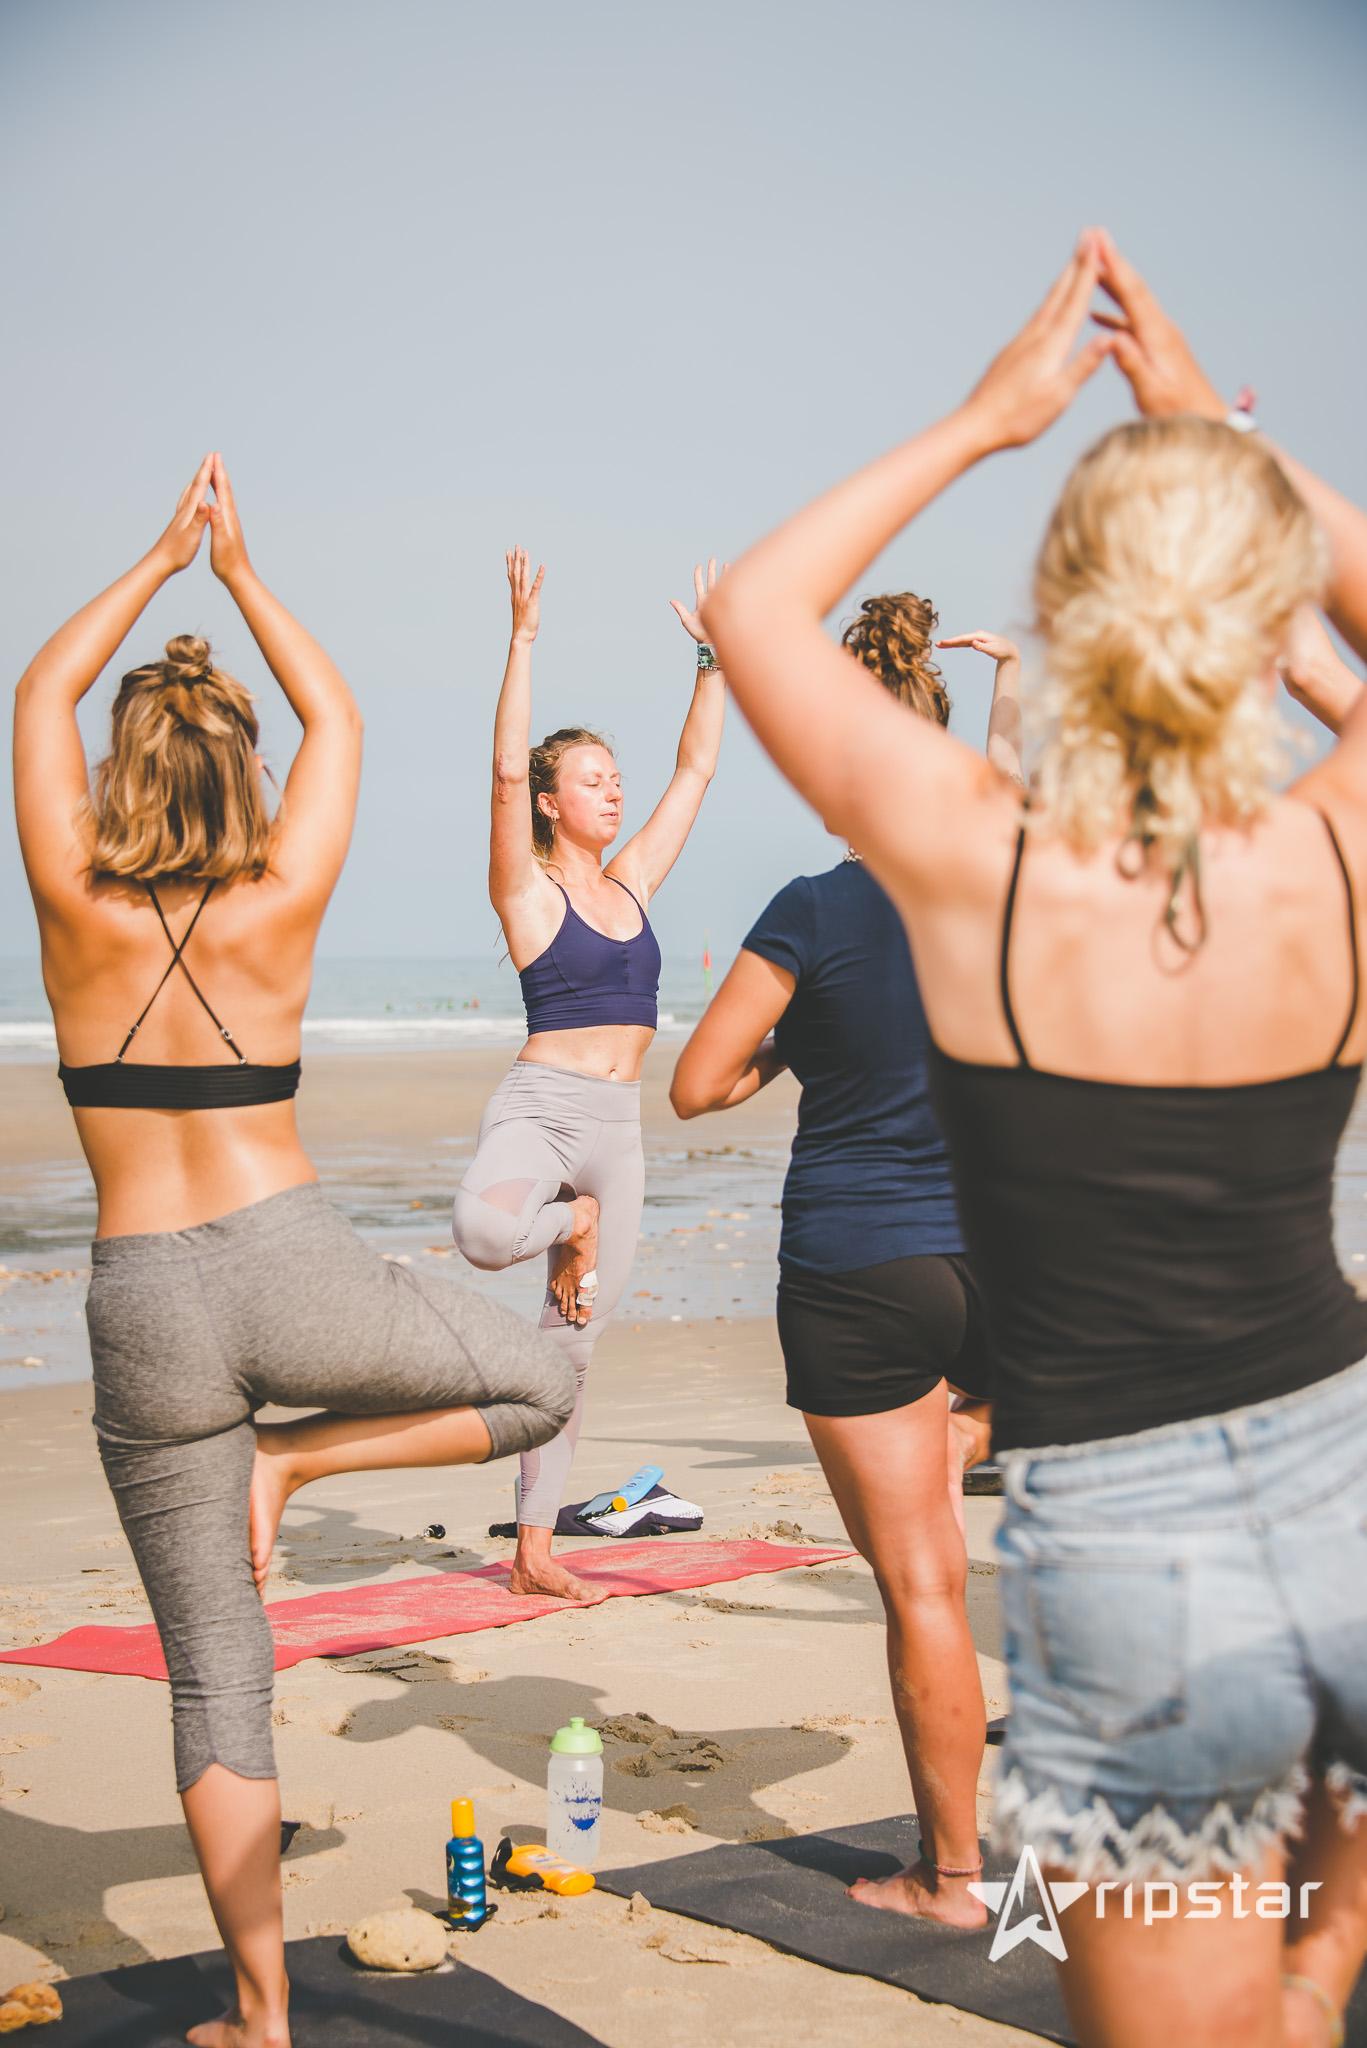 Surfcamp Premium: het surfcamp voor volwassenen van Ripstar!